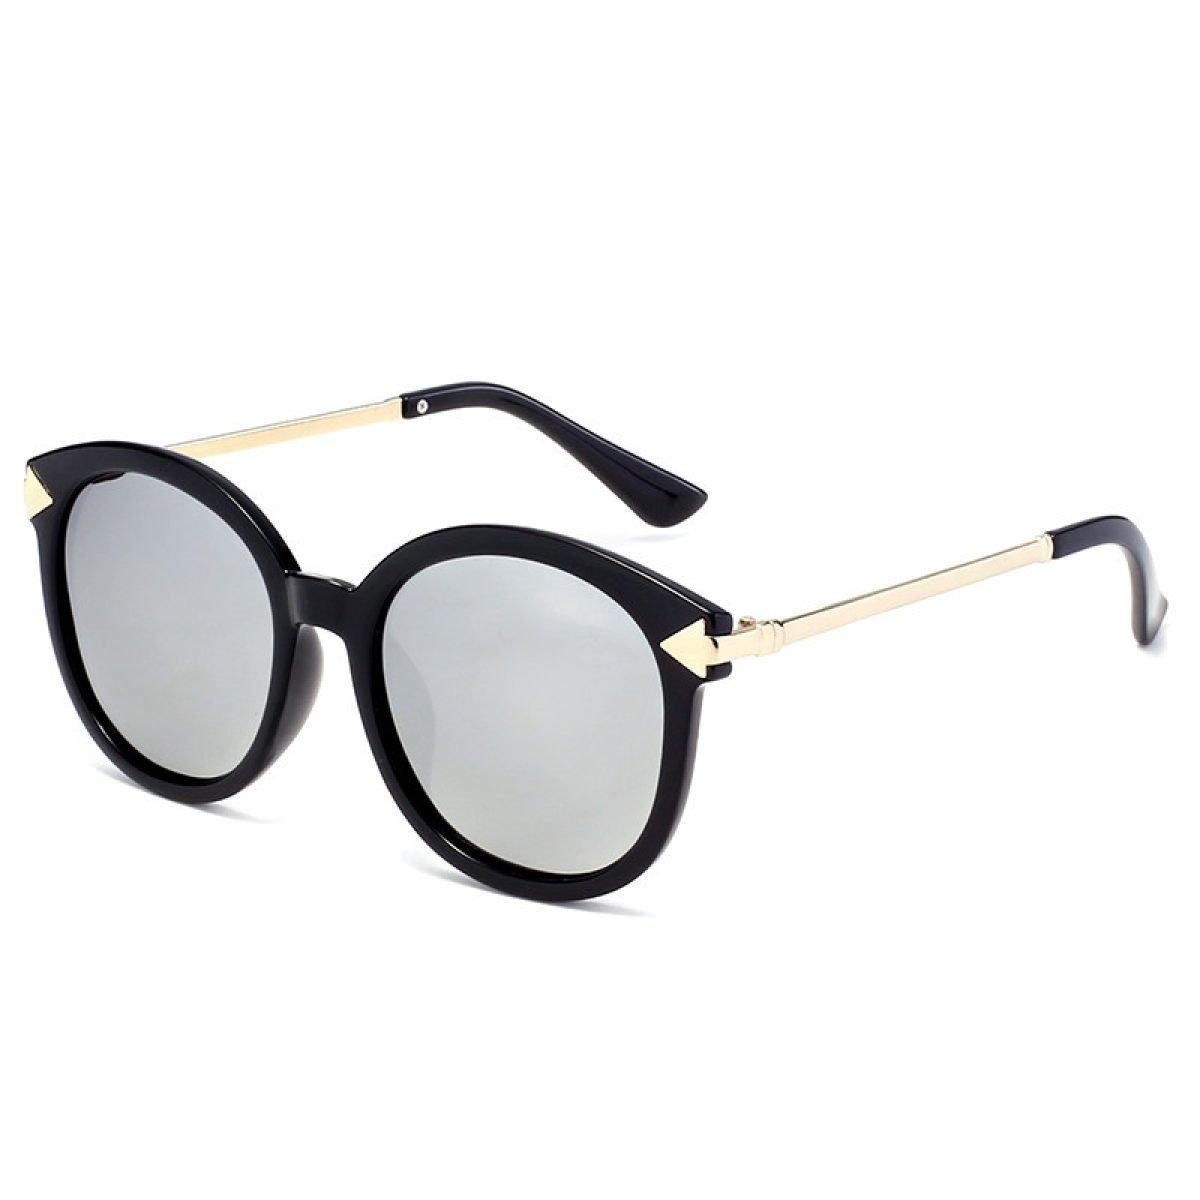 Wkaijc Runder Rahmen Polarisiert Pfeile Bunt Männer Und Frauen Mode Persönlichkeit Kreativität Komfort Sonnenbrille,Blue